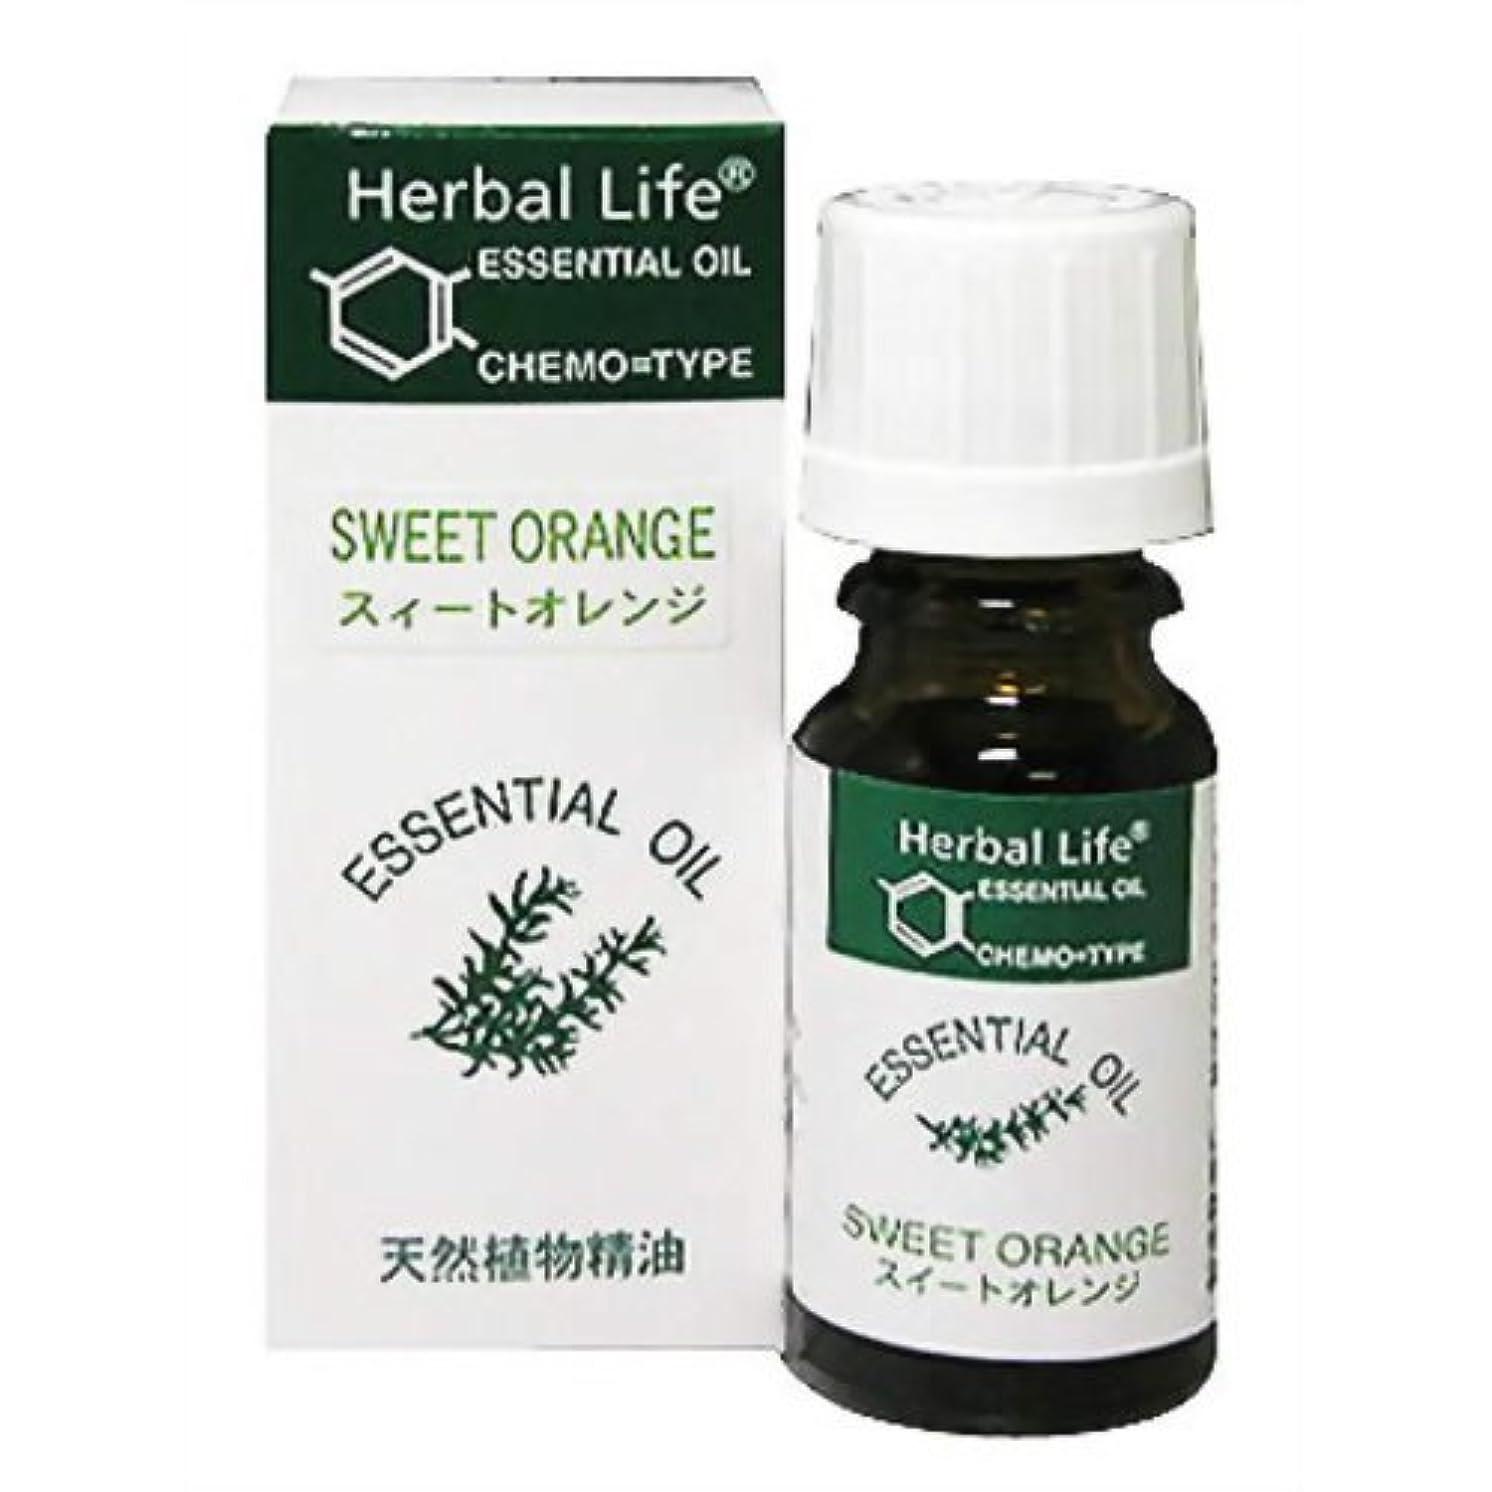 町泣いている一晩生活の木 Herbal Life スィートオレンジ 10ml